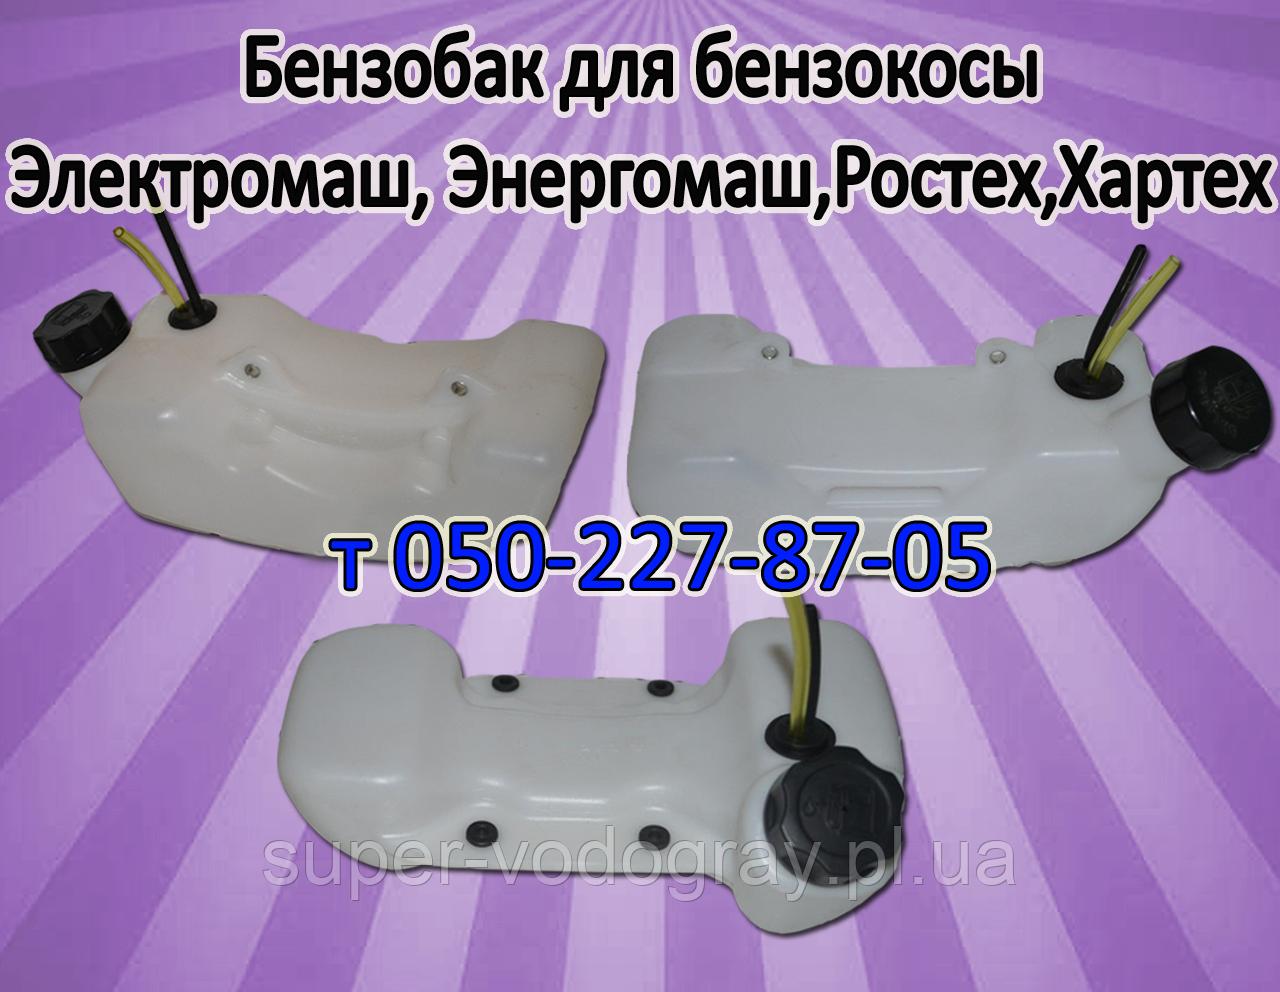 Бак бензиновый для бензокосы Электромаш, Энергомаш, Ростех, Хартех